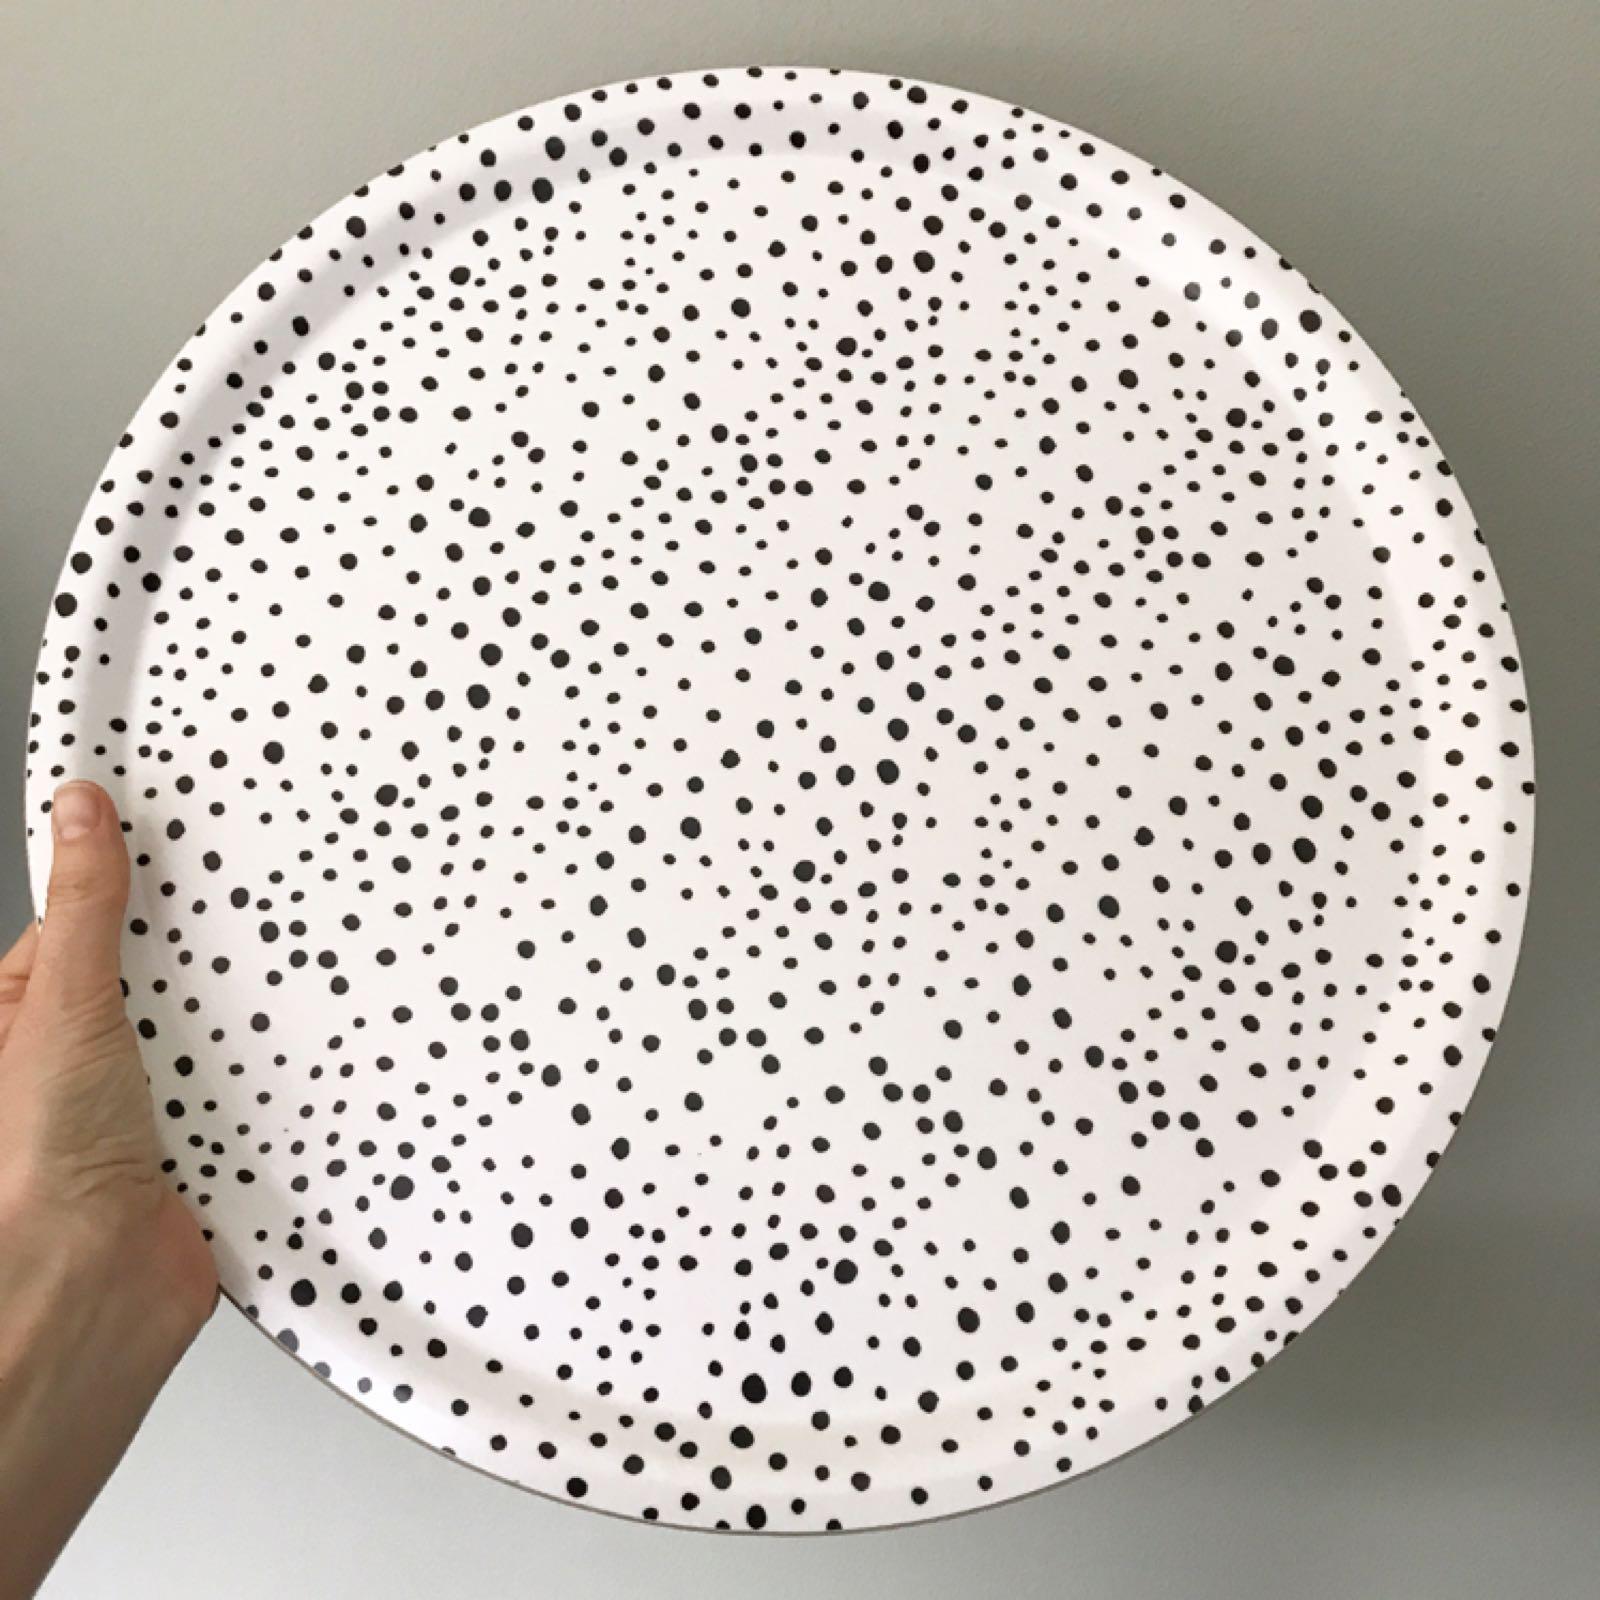 Bricka dots